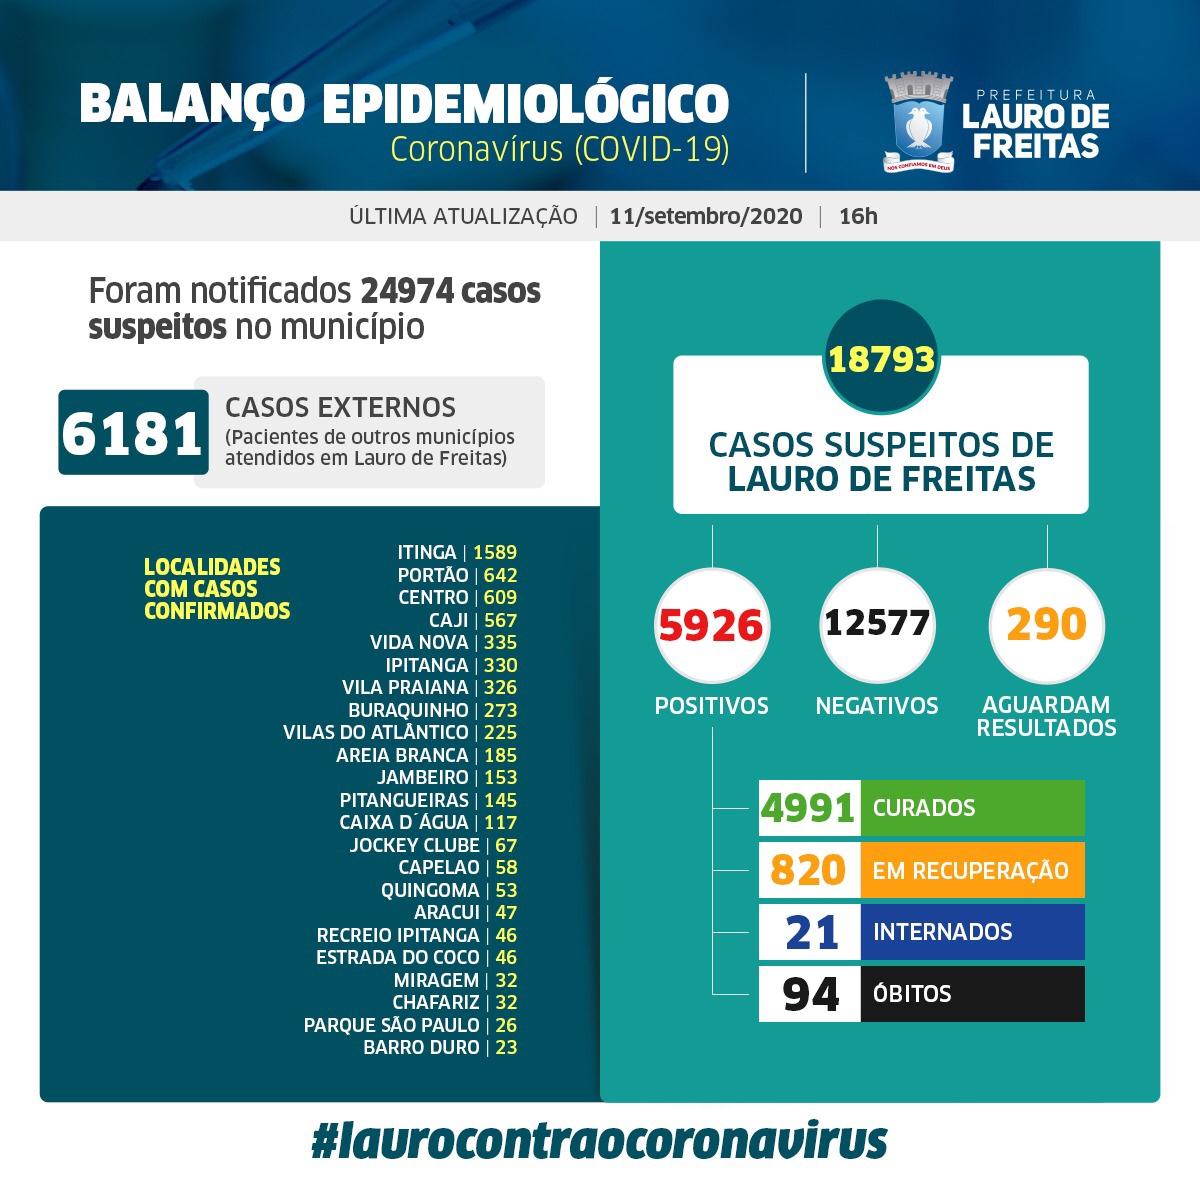 Lauro de Freitas registra 5.926 casos da Covid-19, com 4.991 pessoas curadas e 94 vidas perdidas